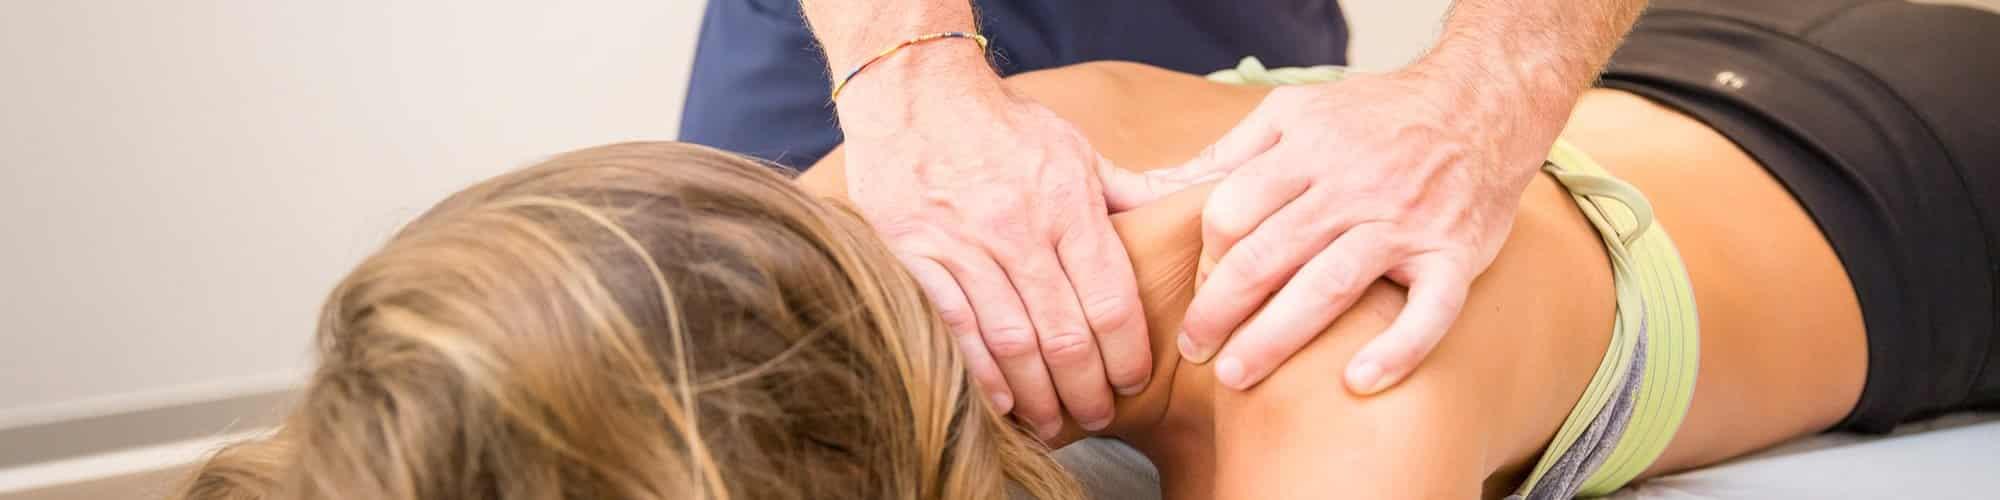 fisiokinetik-centro-fisioterapico-struttura-sanitaria--biella-fisioterapia